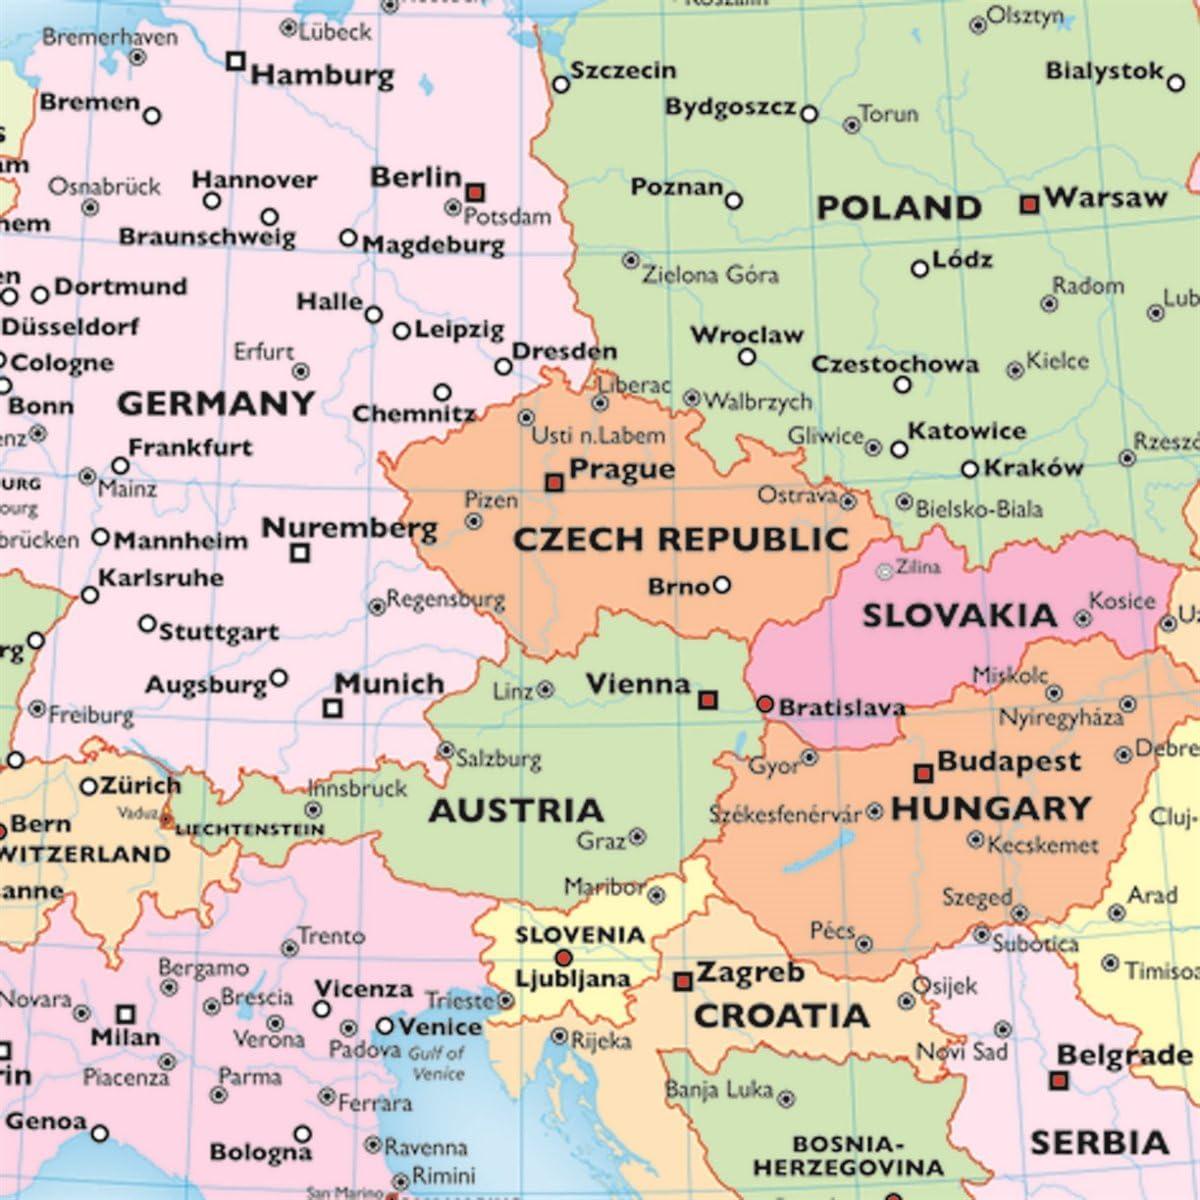 Mapa de Europa para niños – Reversible político/físico laminado mapa de pared, ZMFP147: Amazon.es: Oficina y papelería